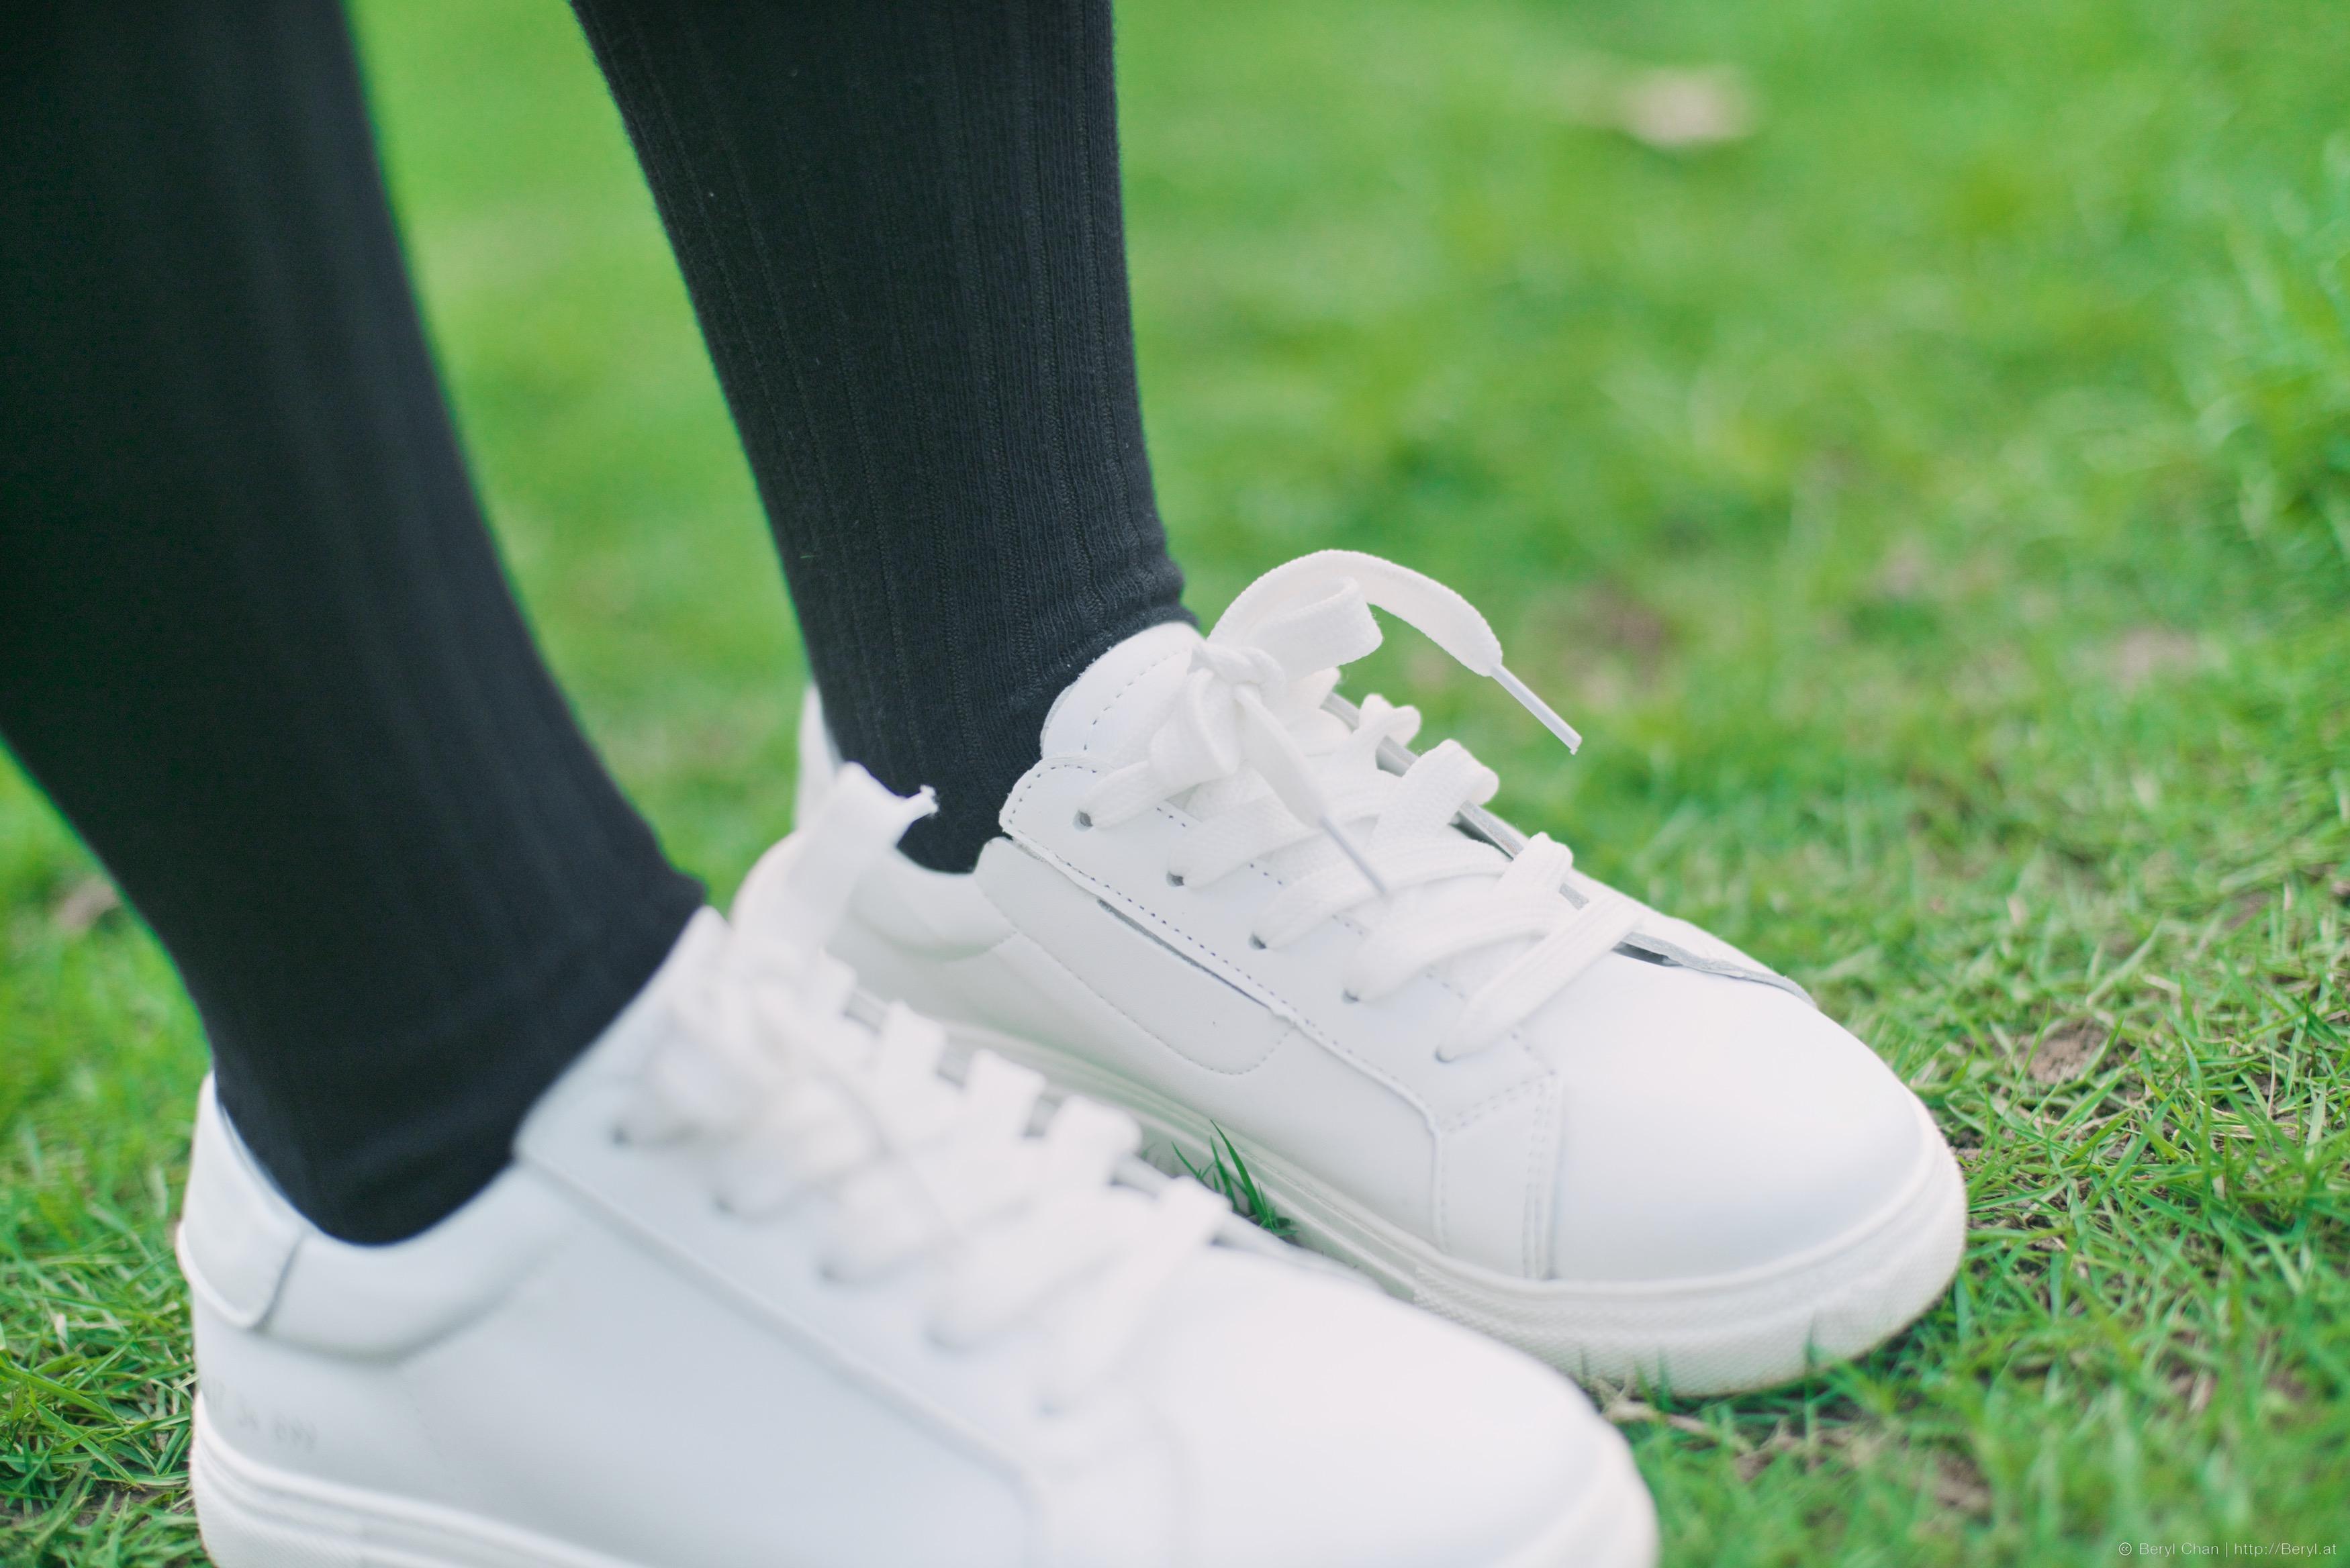 Zapato Niña Blanco Deporte Césped Fotos Primavera Gratis Bq7nE